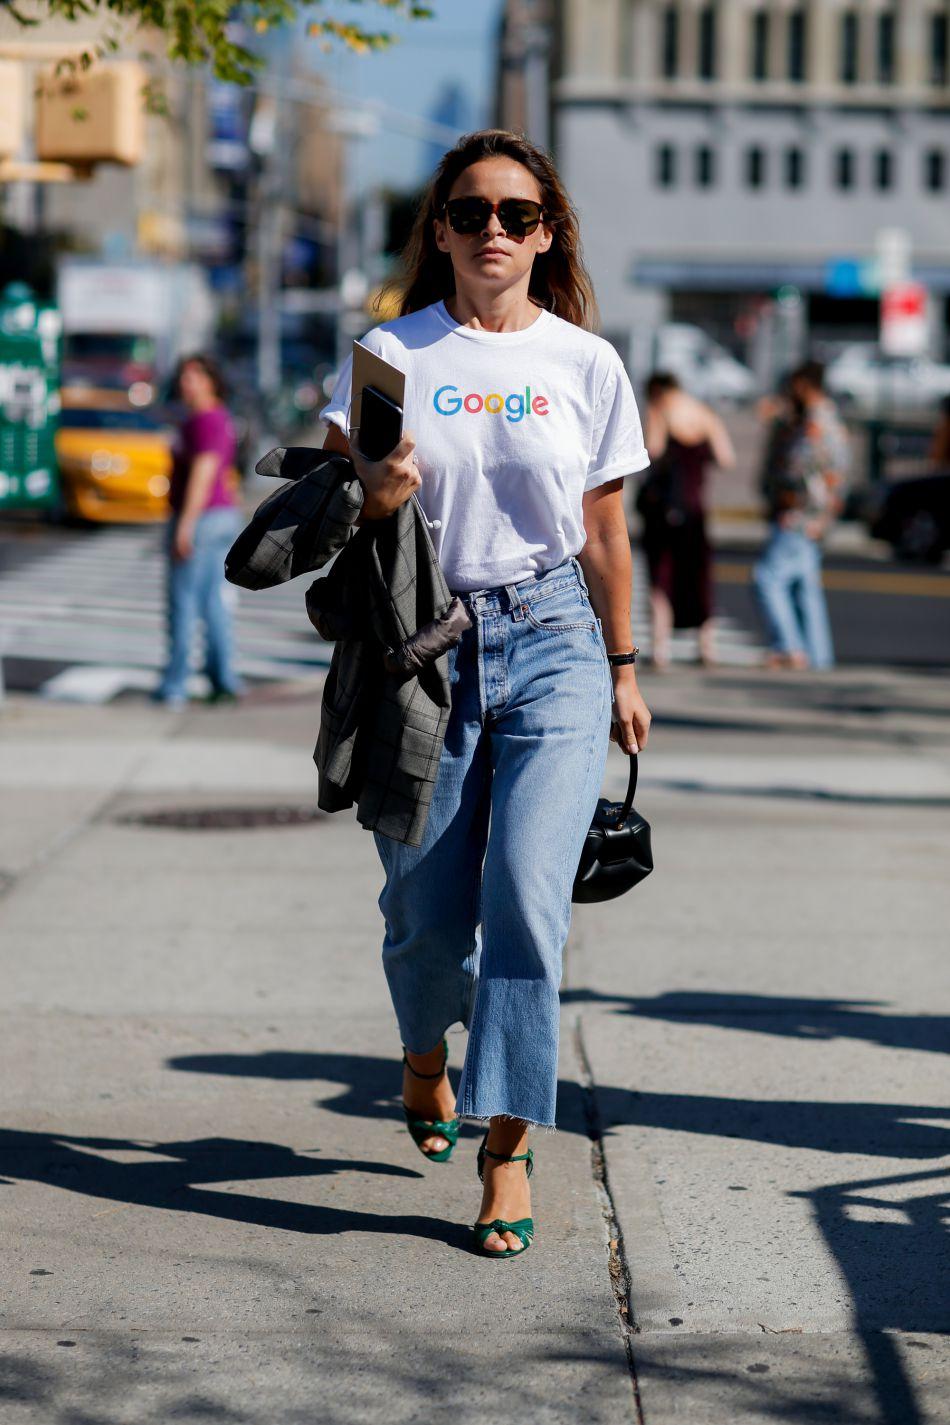 Le T-shirt Google de Miroslava Duma est à la fois fun et très efficace.